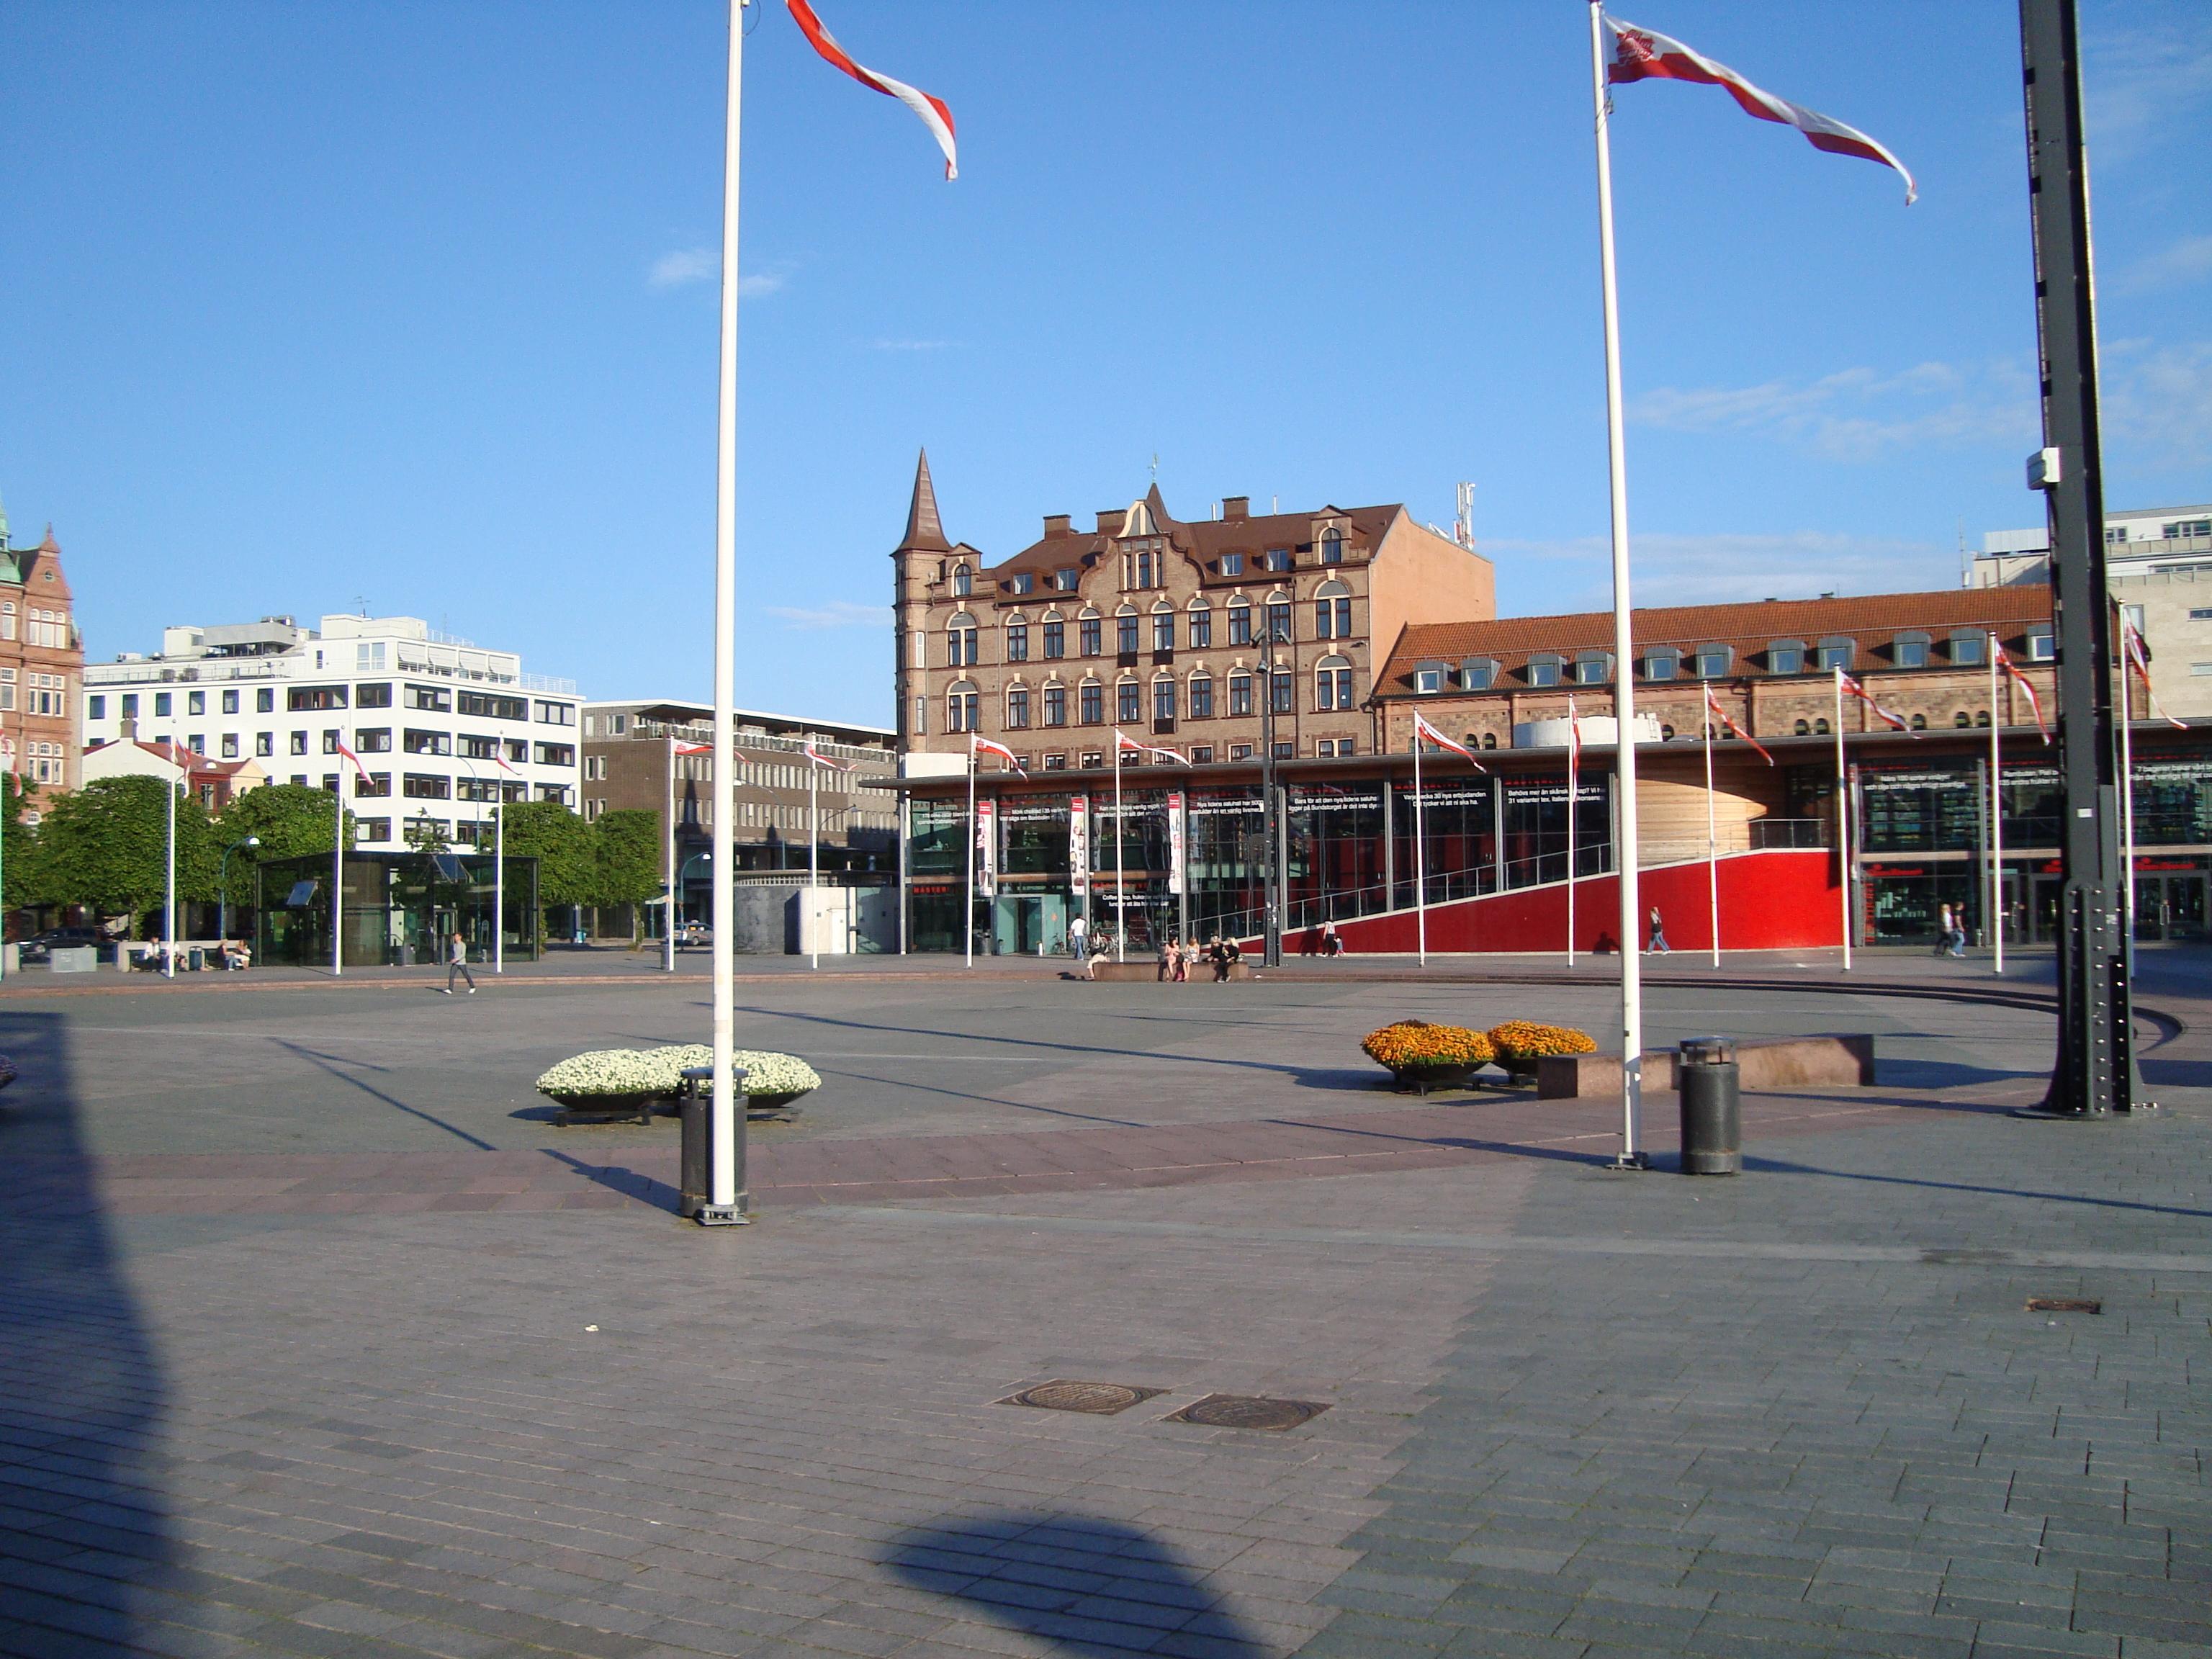 Bild föreställande platsen där konserten äger rum.